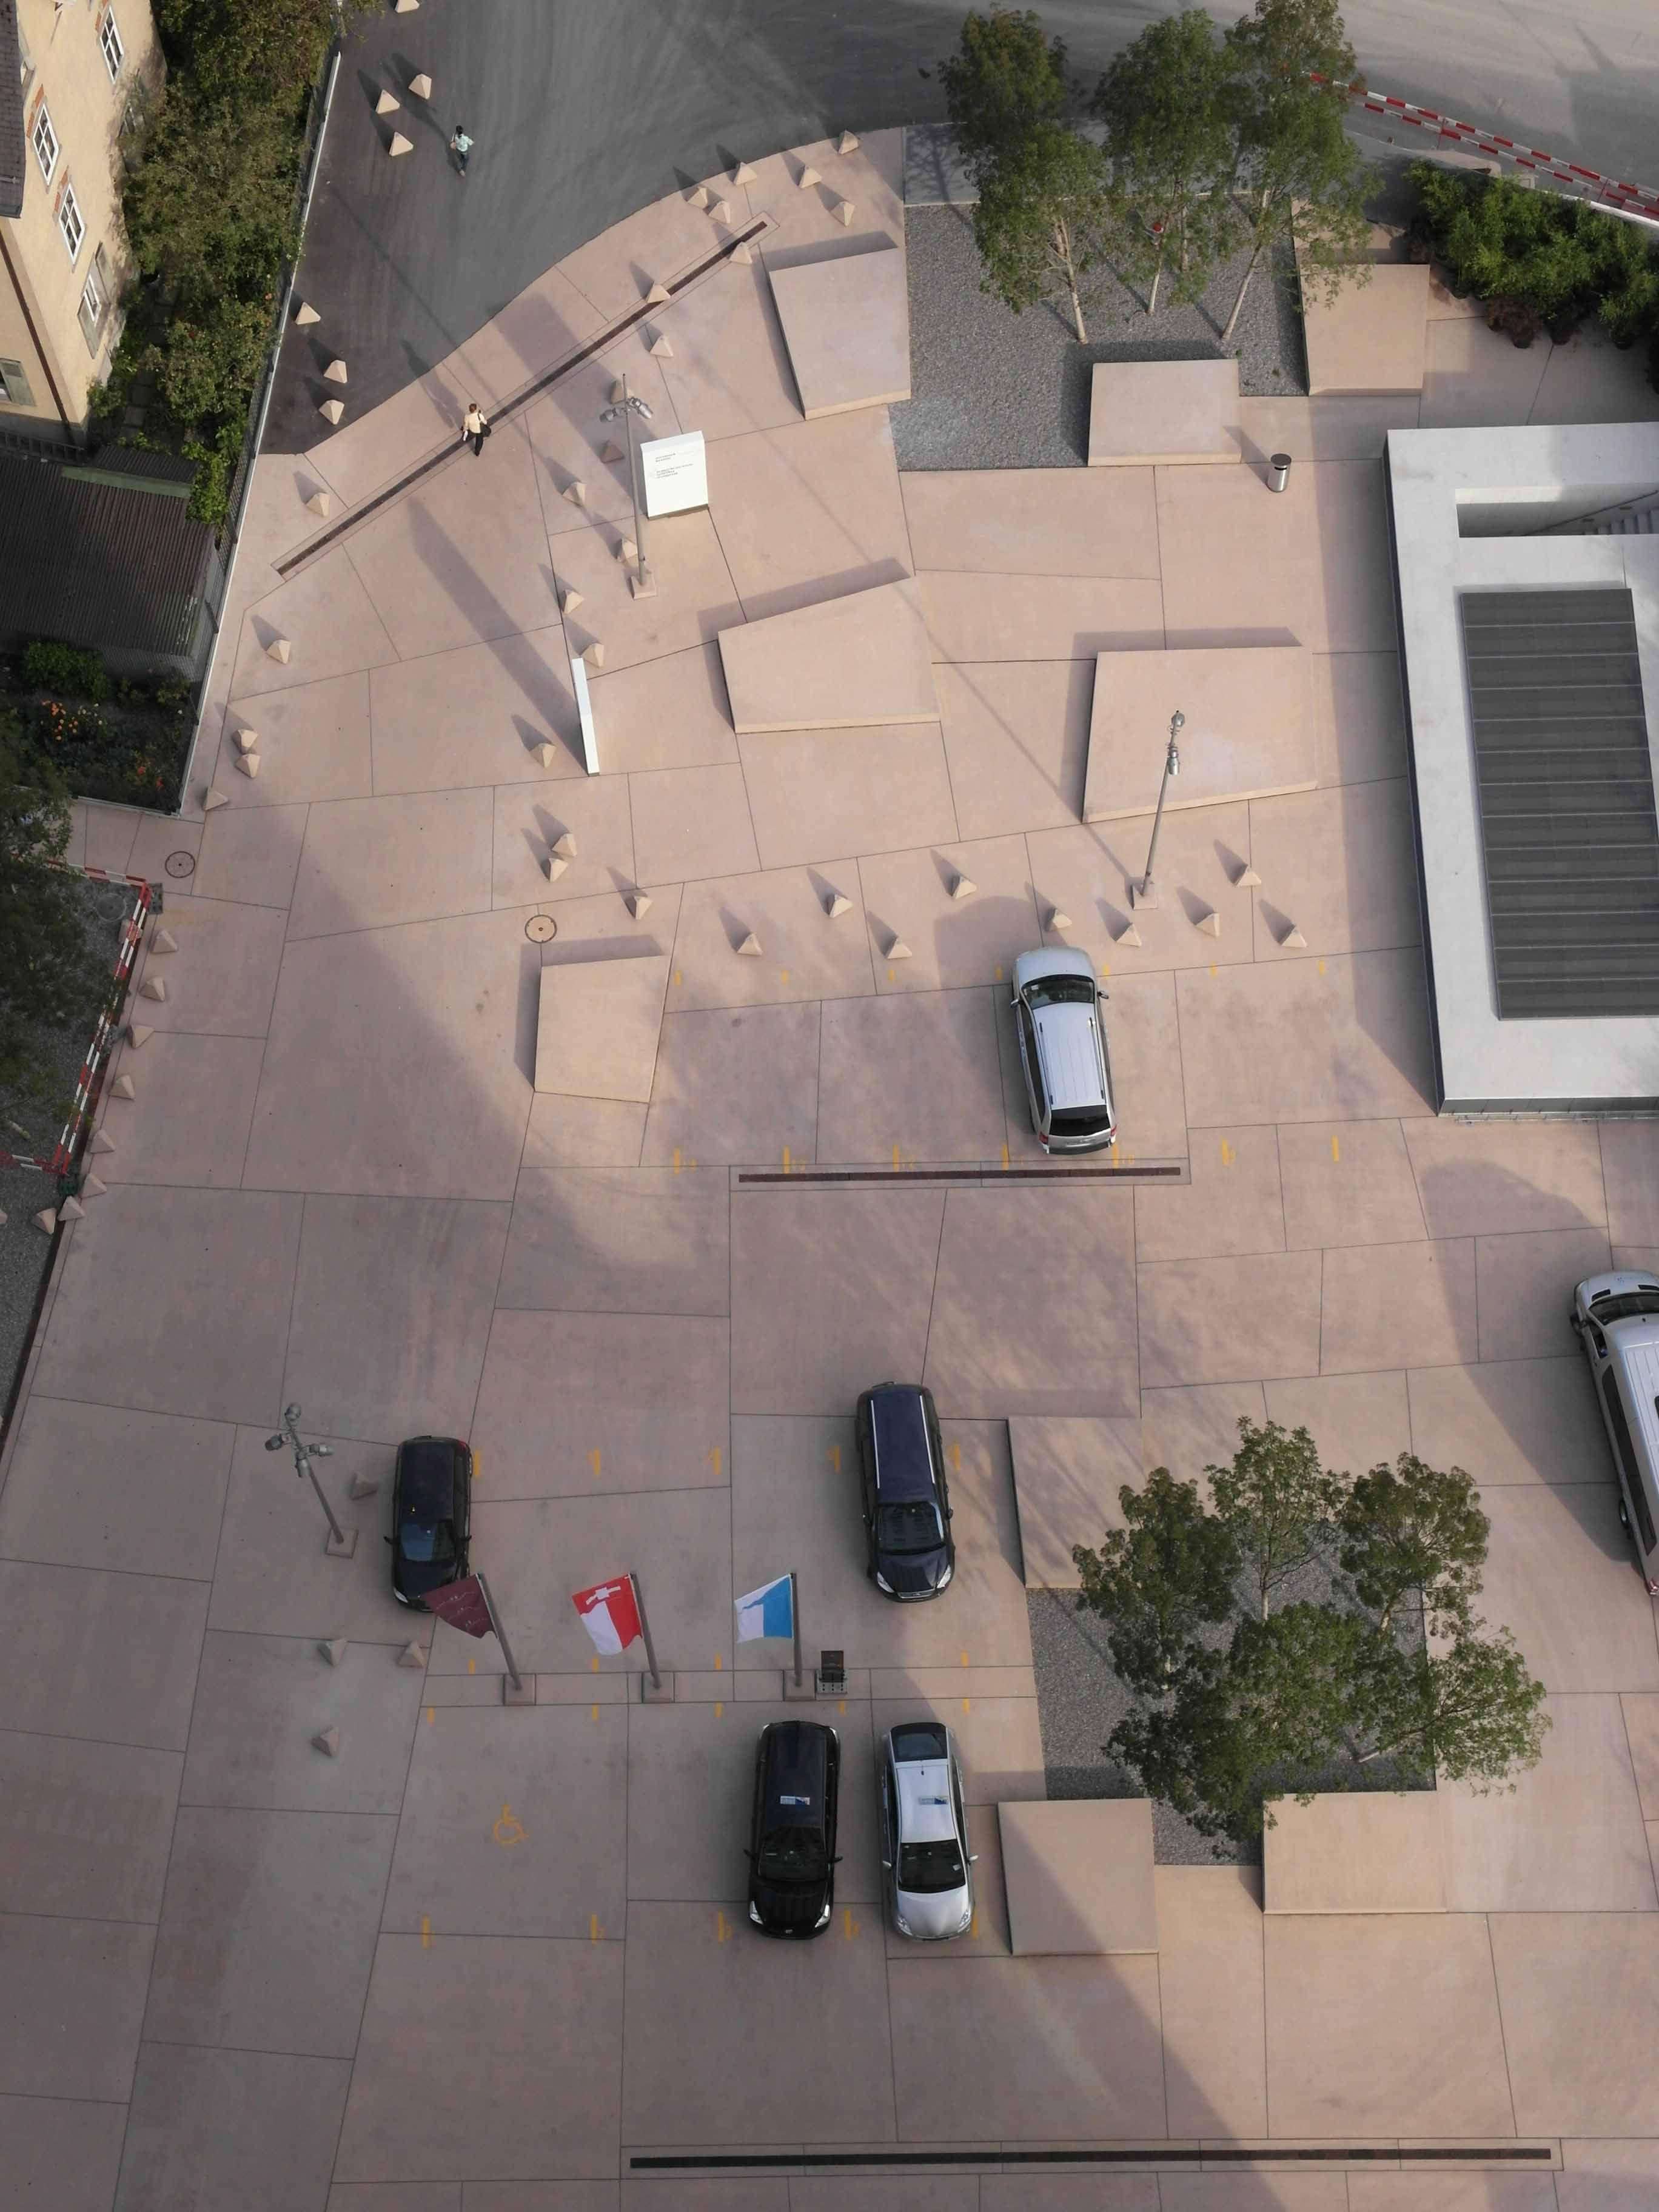 Epic Platzgestaltung bei Mailand rovinj Pinterest Platzgestaltung Mailand und Vorpl tze